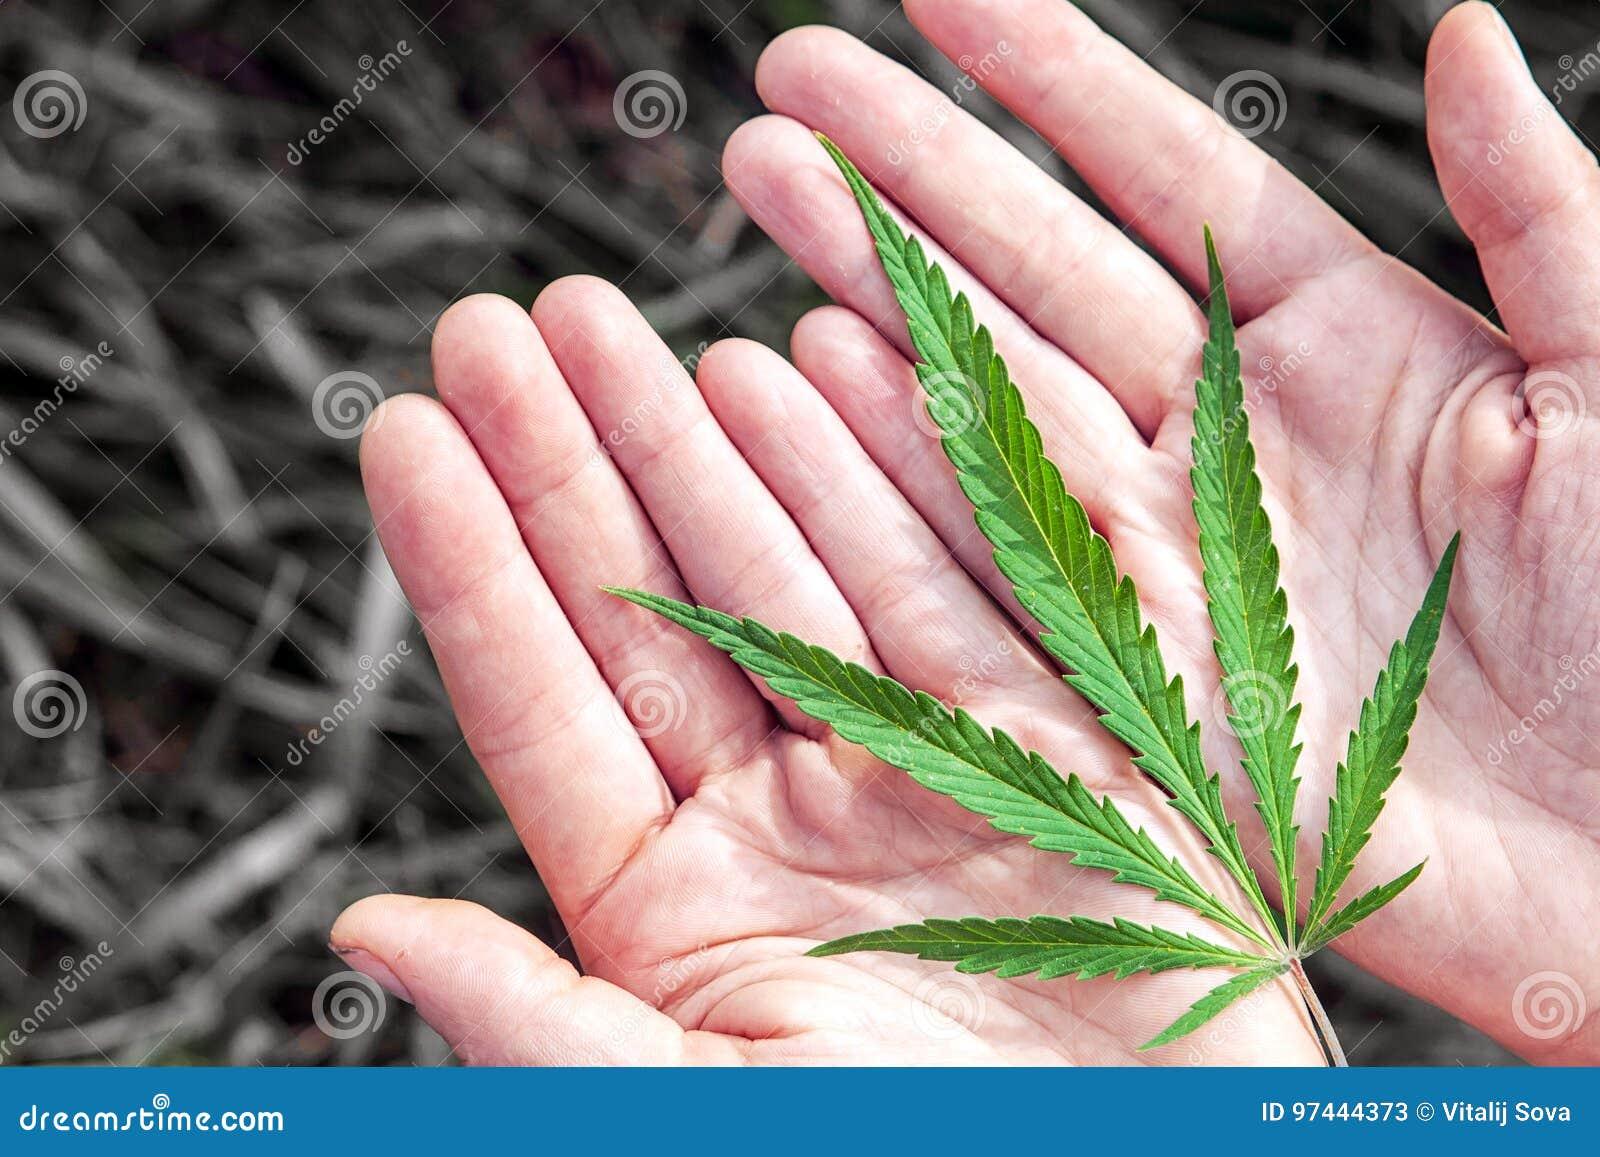 Zielony konopie s na rękach